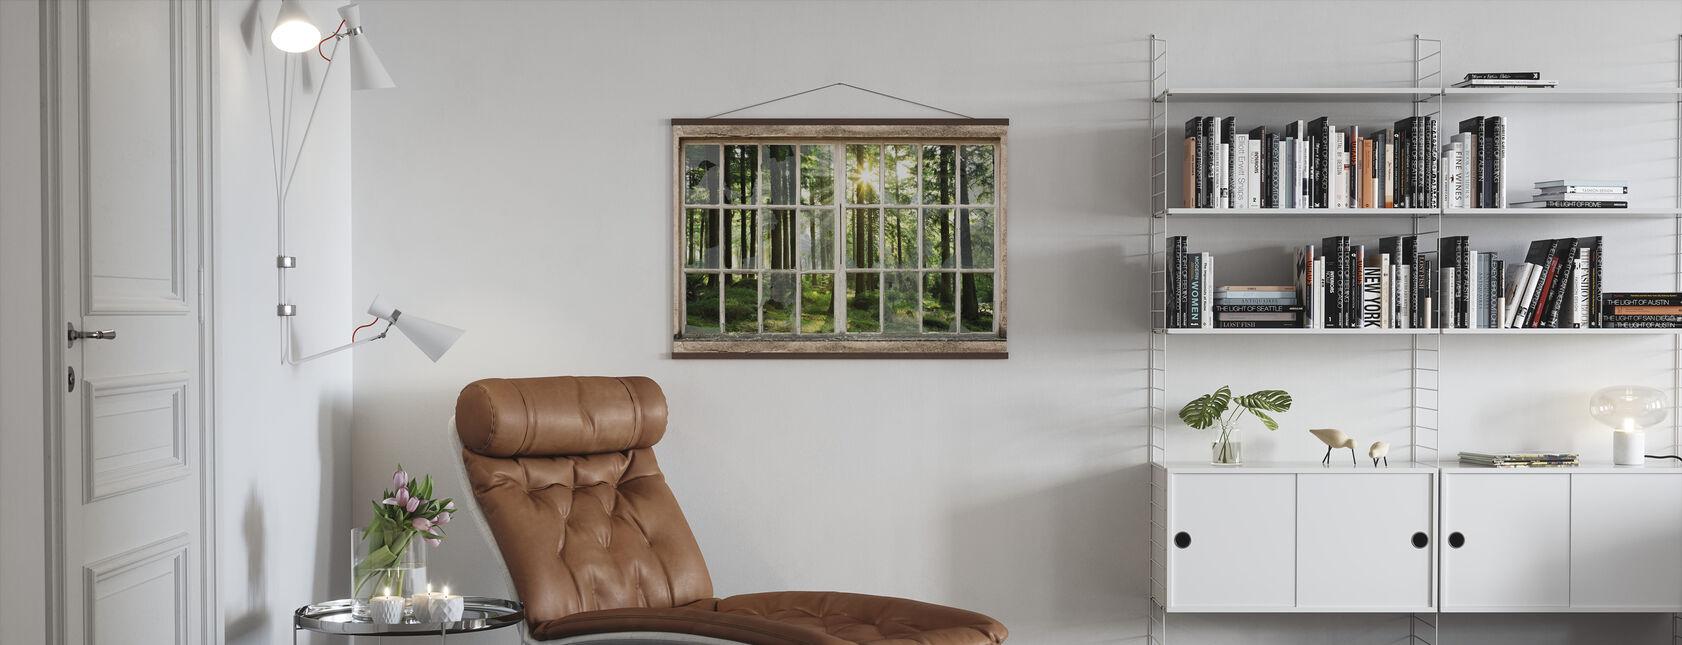 Zonsondergang in bos door gebroken venster - Poster - Woonkamer